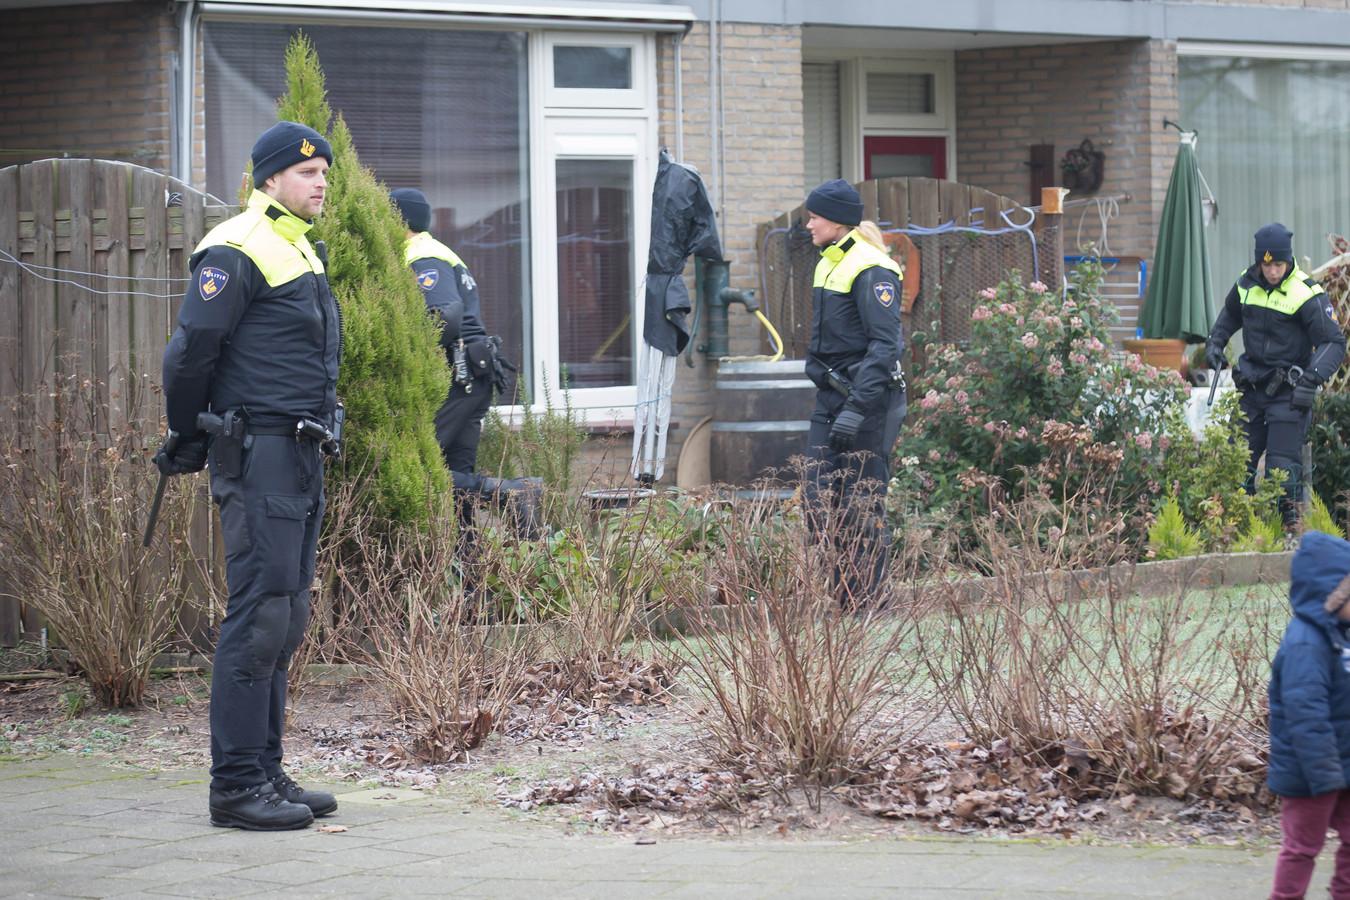 Politie-onderzoek bij de woning aan het Muiderslot waar Sumbat Dawood Borghos op 19 december 2014 werd afgeslacht.